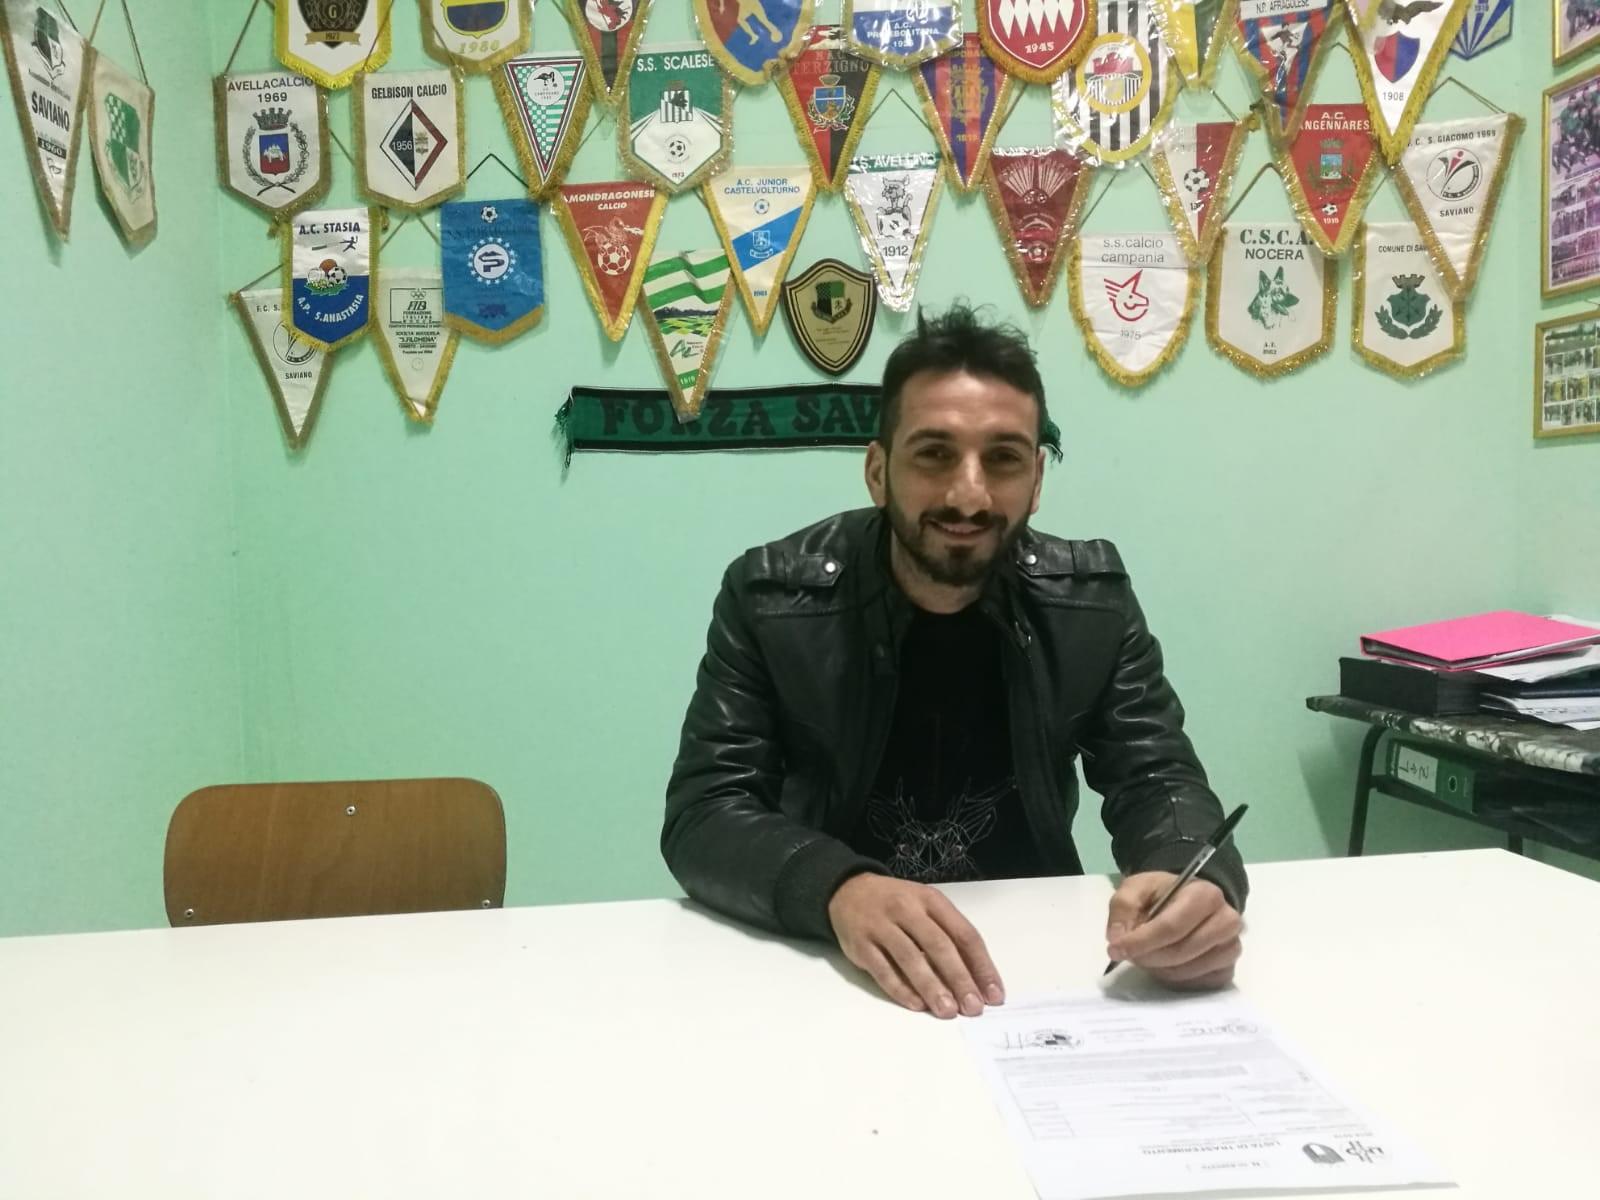 L'ASCD Saviano tessera due nuovi calciatori: già a disposizione del mister Minichini